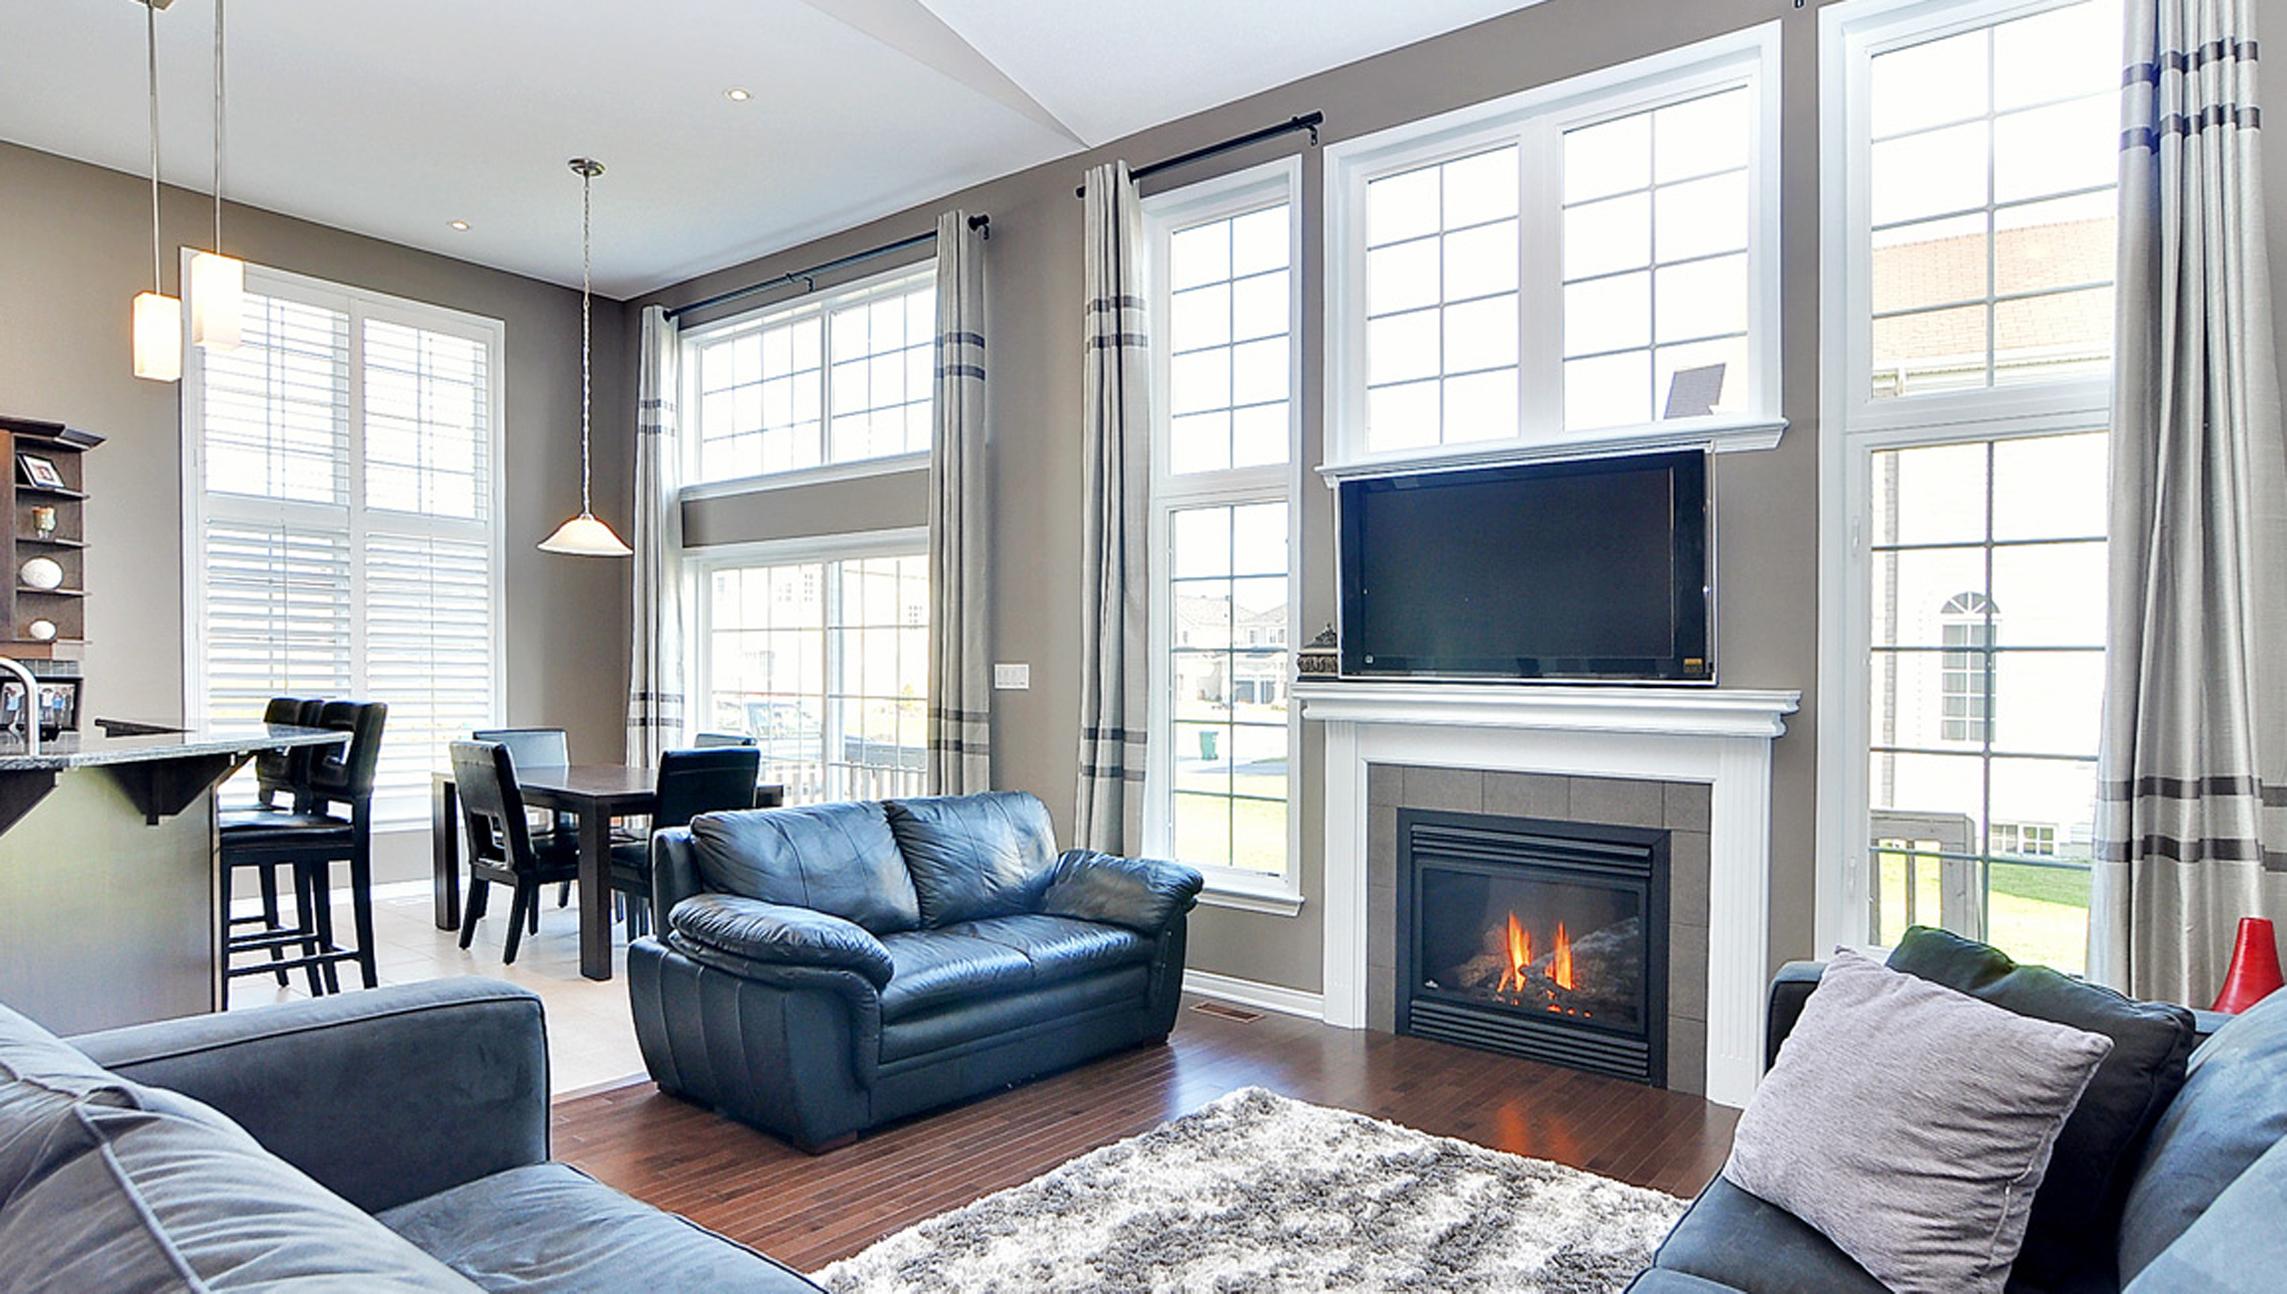 Matt Richling - Ottawa Condos and Lofts - Ottawa Real Estate